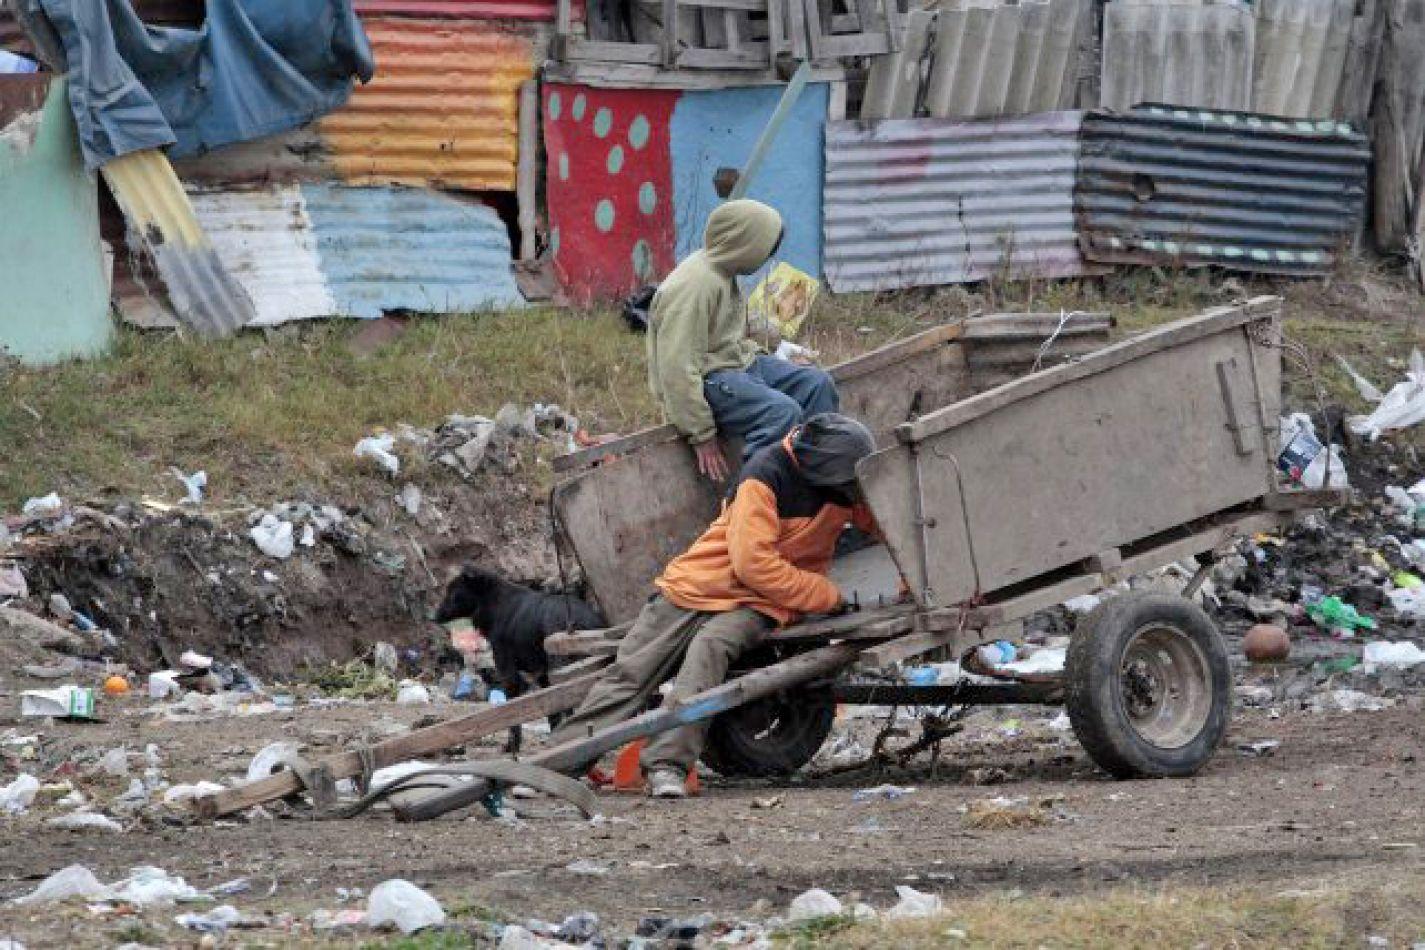 Sin asistencia del Estado, la pobreza durante la pandemia hubiese aumentado un 10% más